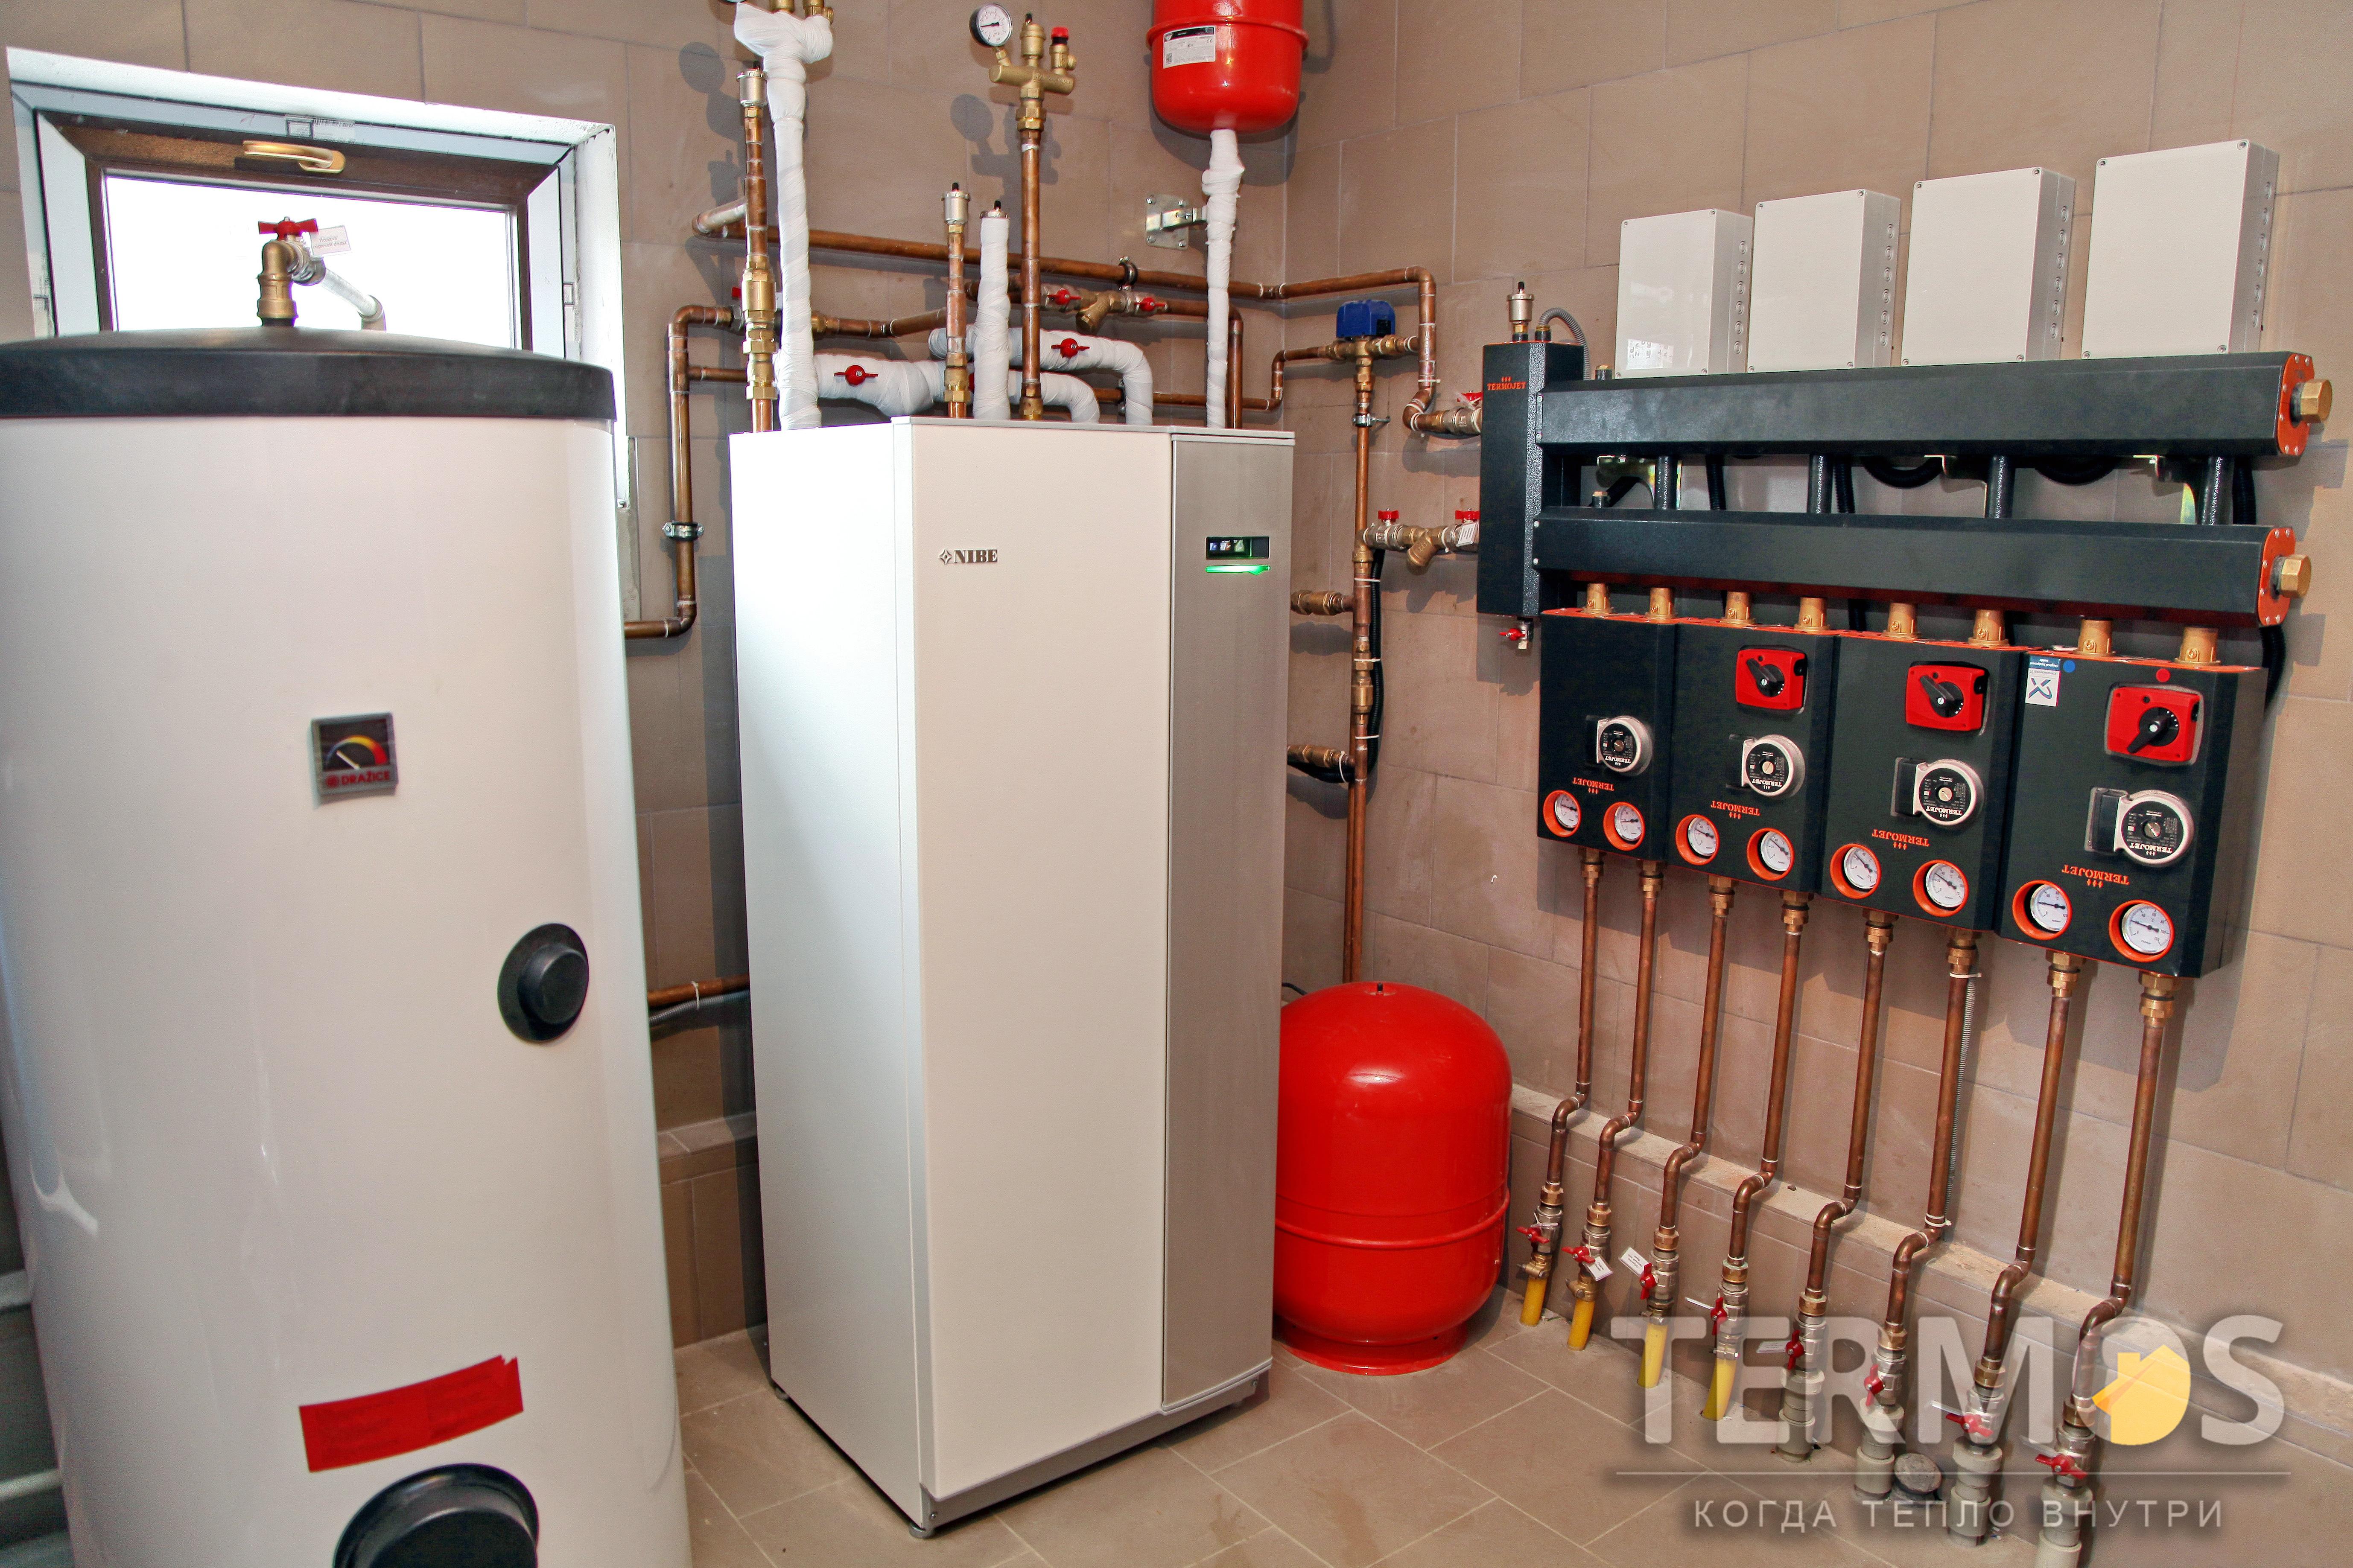 Инверторный высокоэффективный  тепловой насос NIBE F1155 16 кВт (COP 5,12)